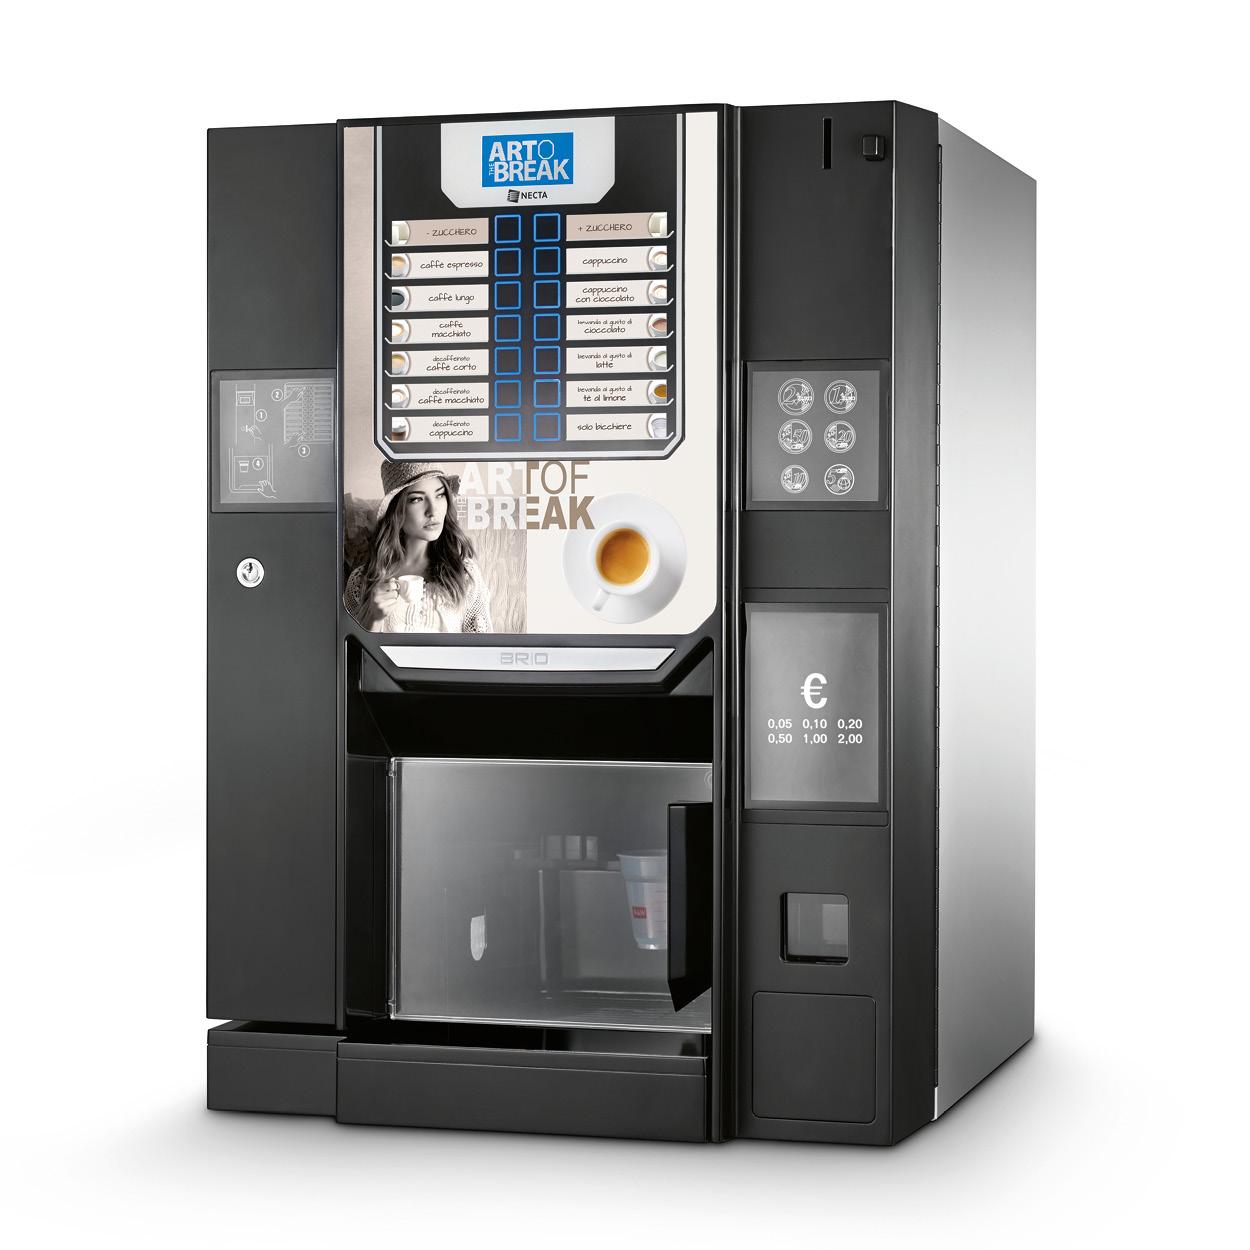 600x600px_Automaten_Schenk_Brio_UP